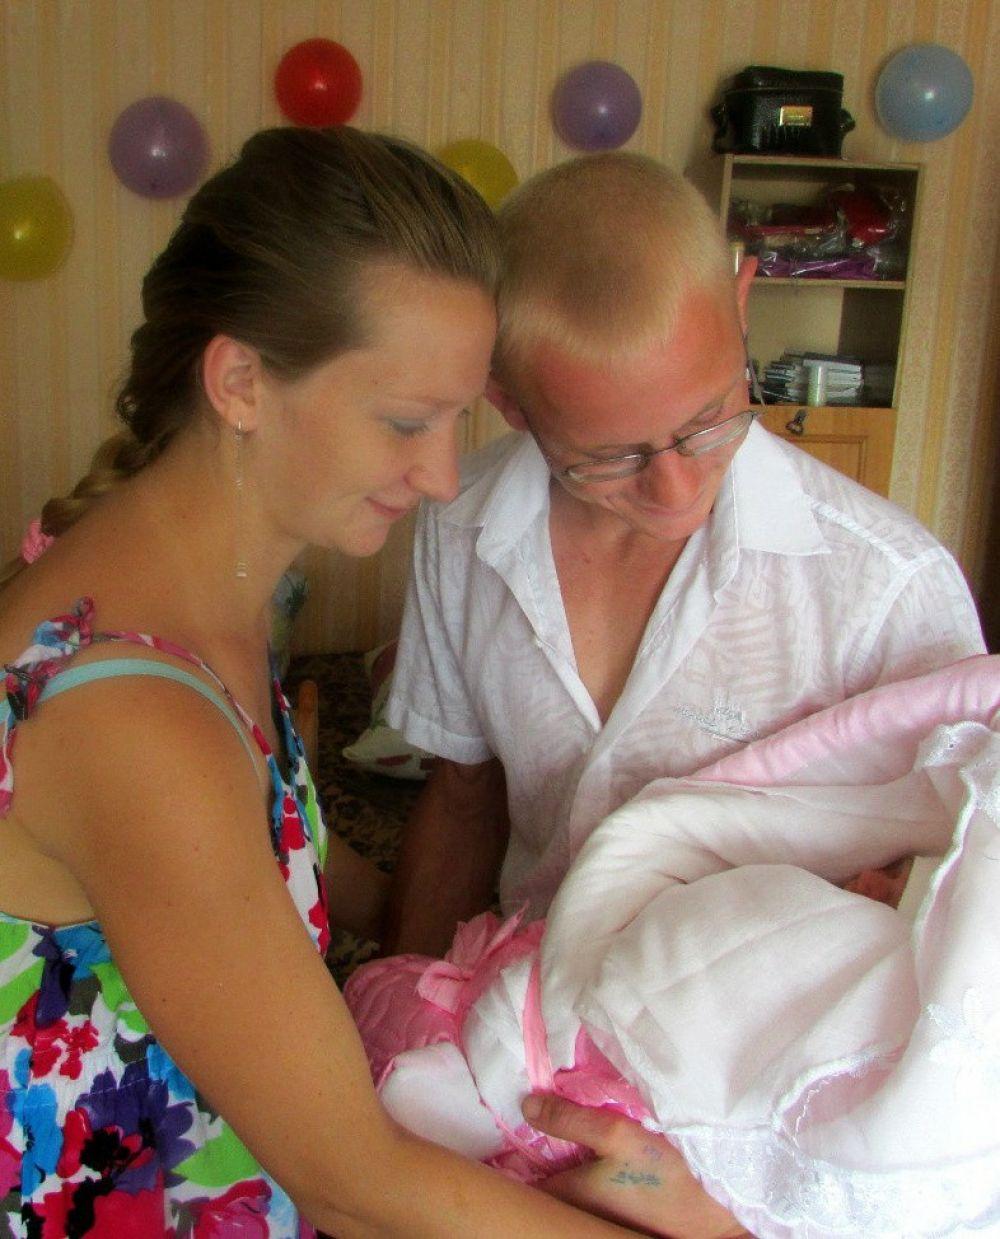 Евгения и Денис Талалины. «День, когда муж забрал из роддома с нашей младшей Ангелиной»